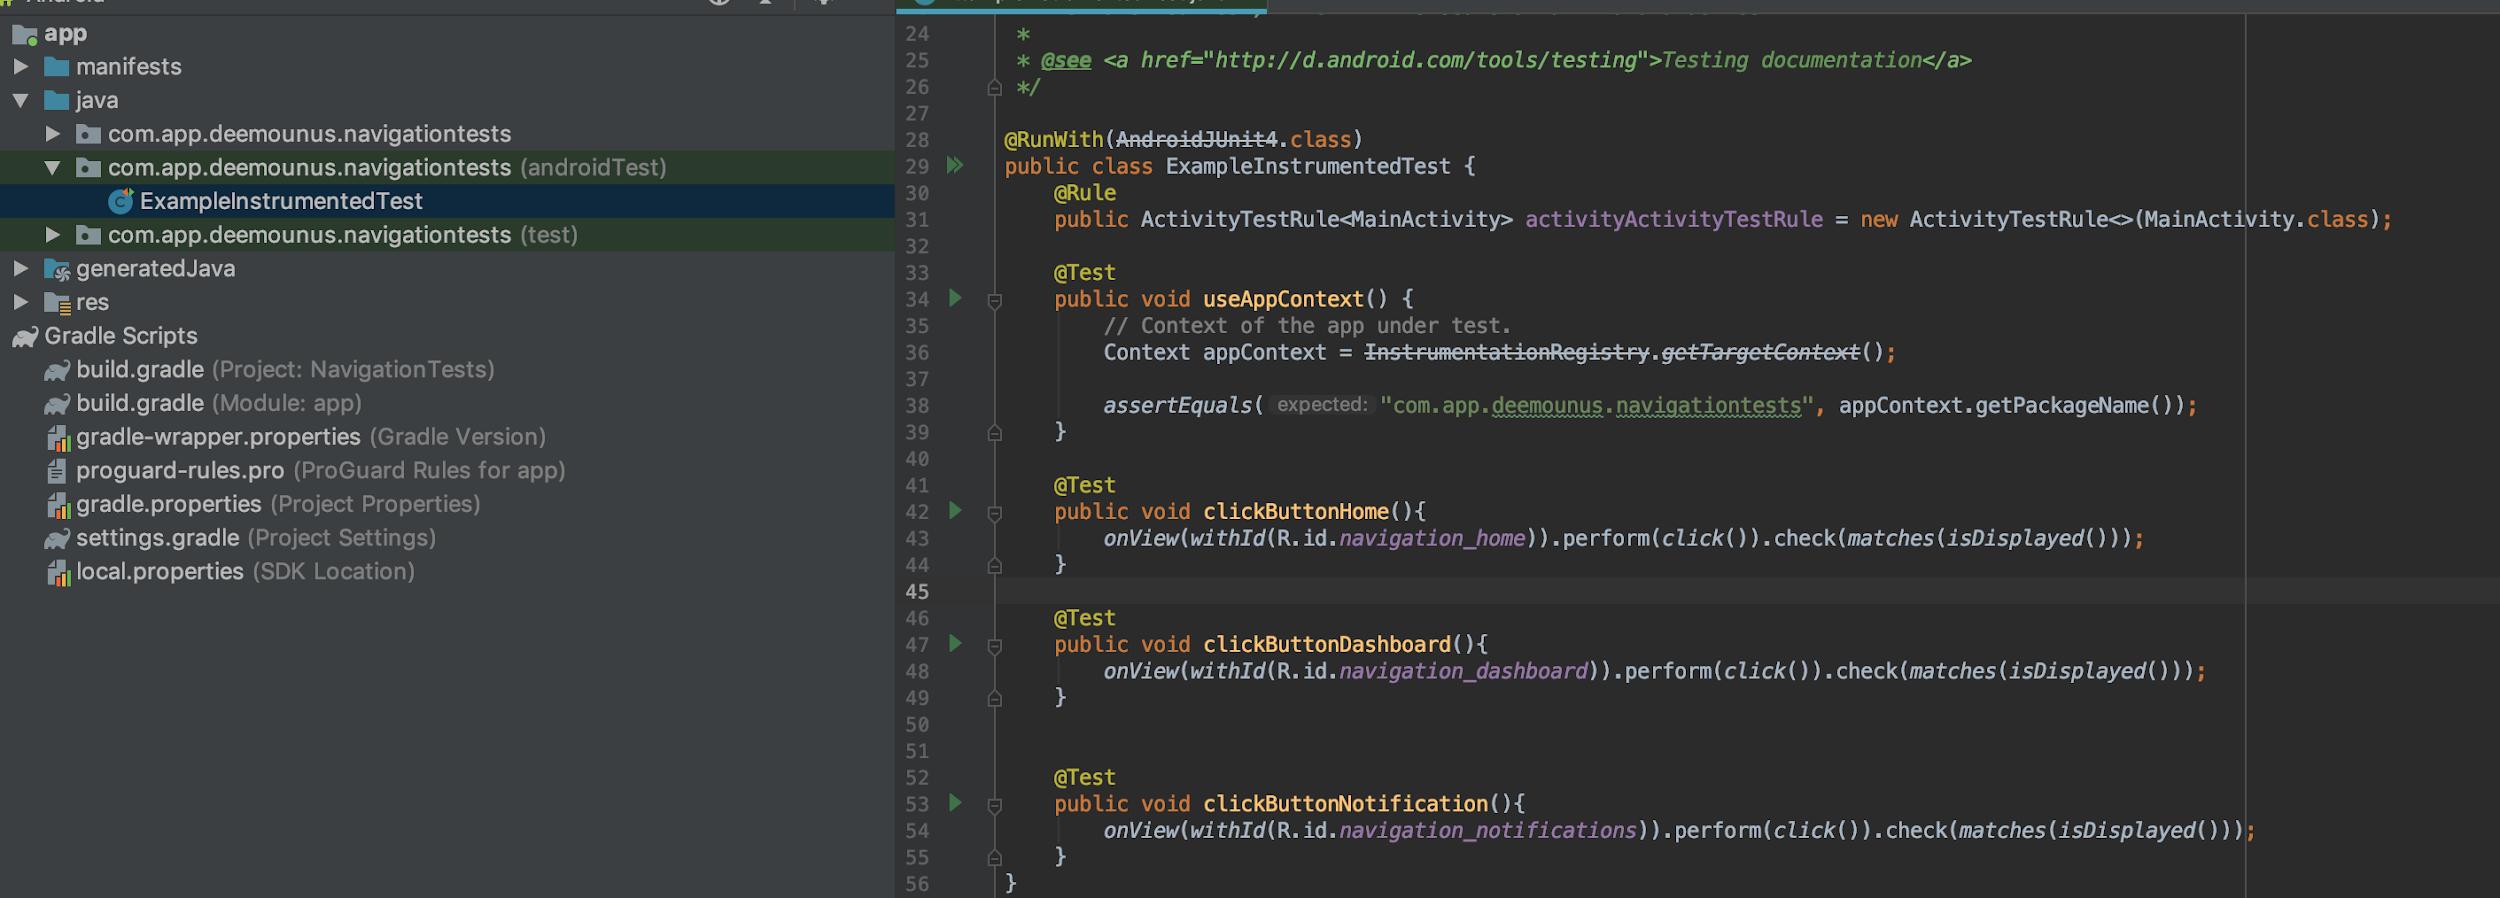 Автоматизация Android. Супер простое руководство по созданию первого Espresso-теста - 14